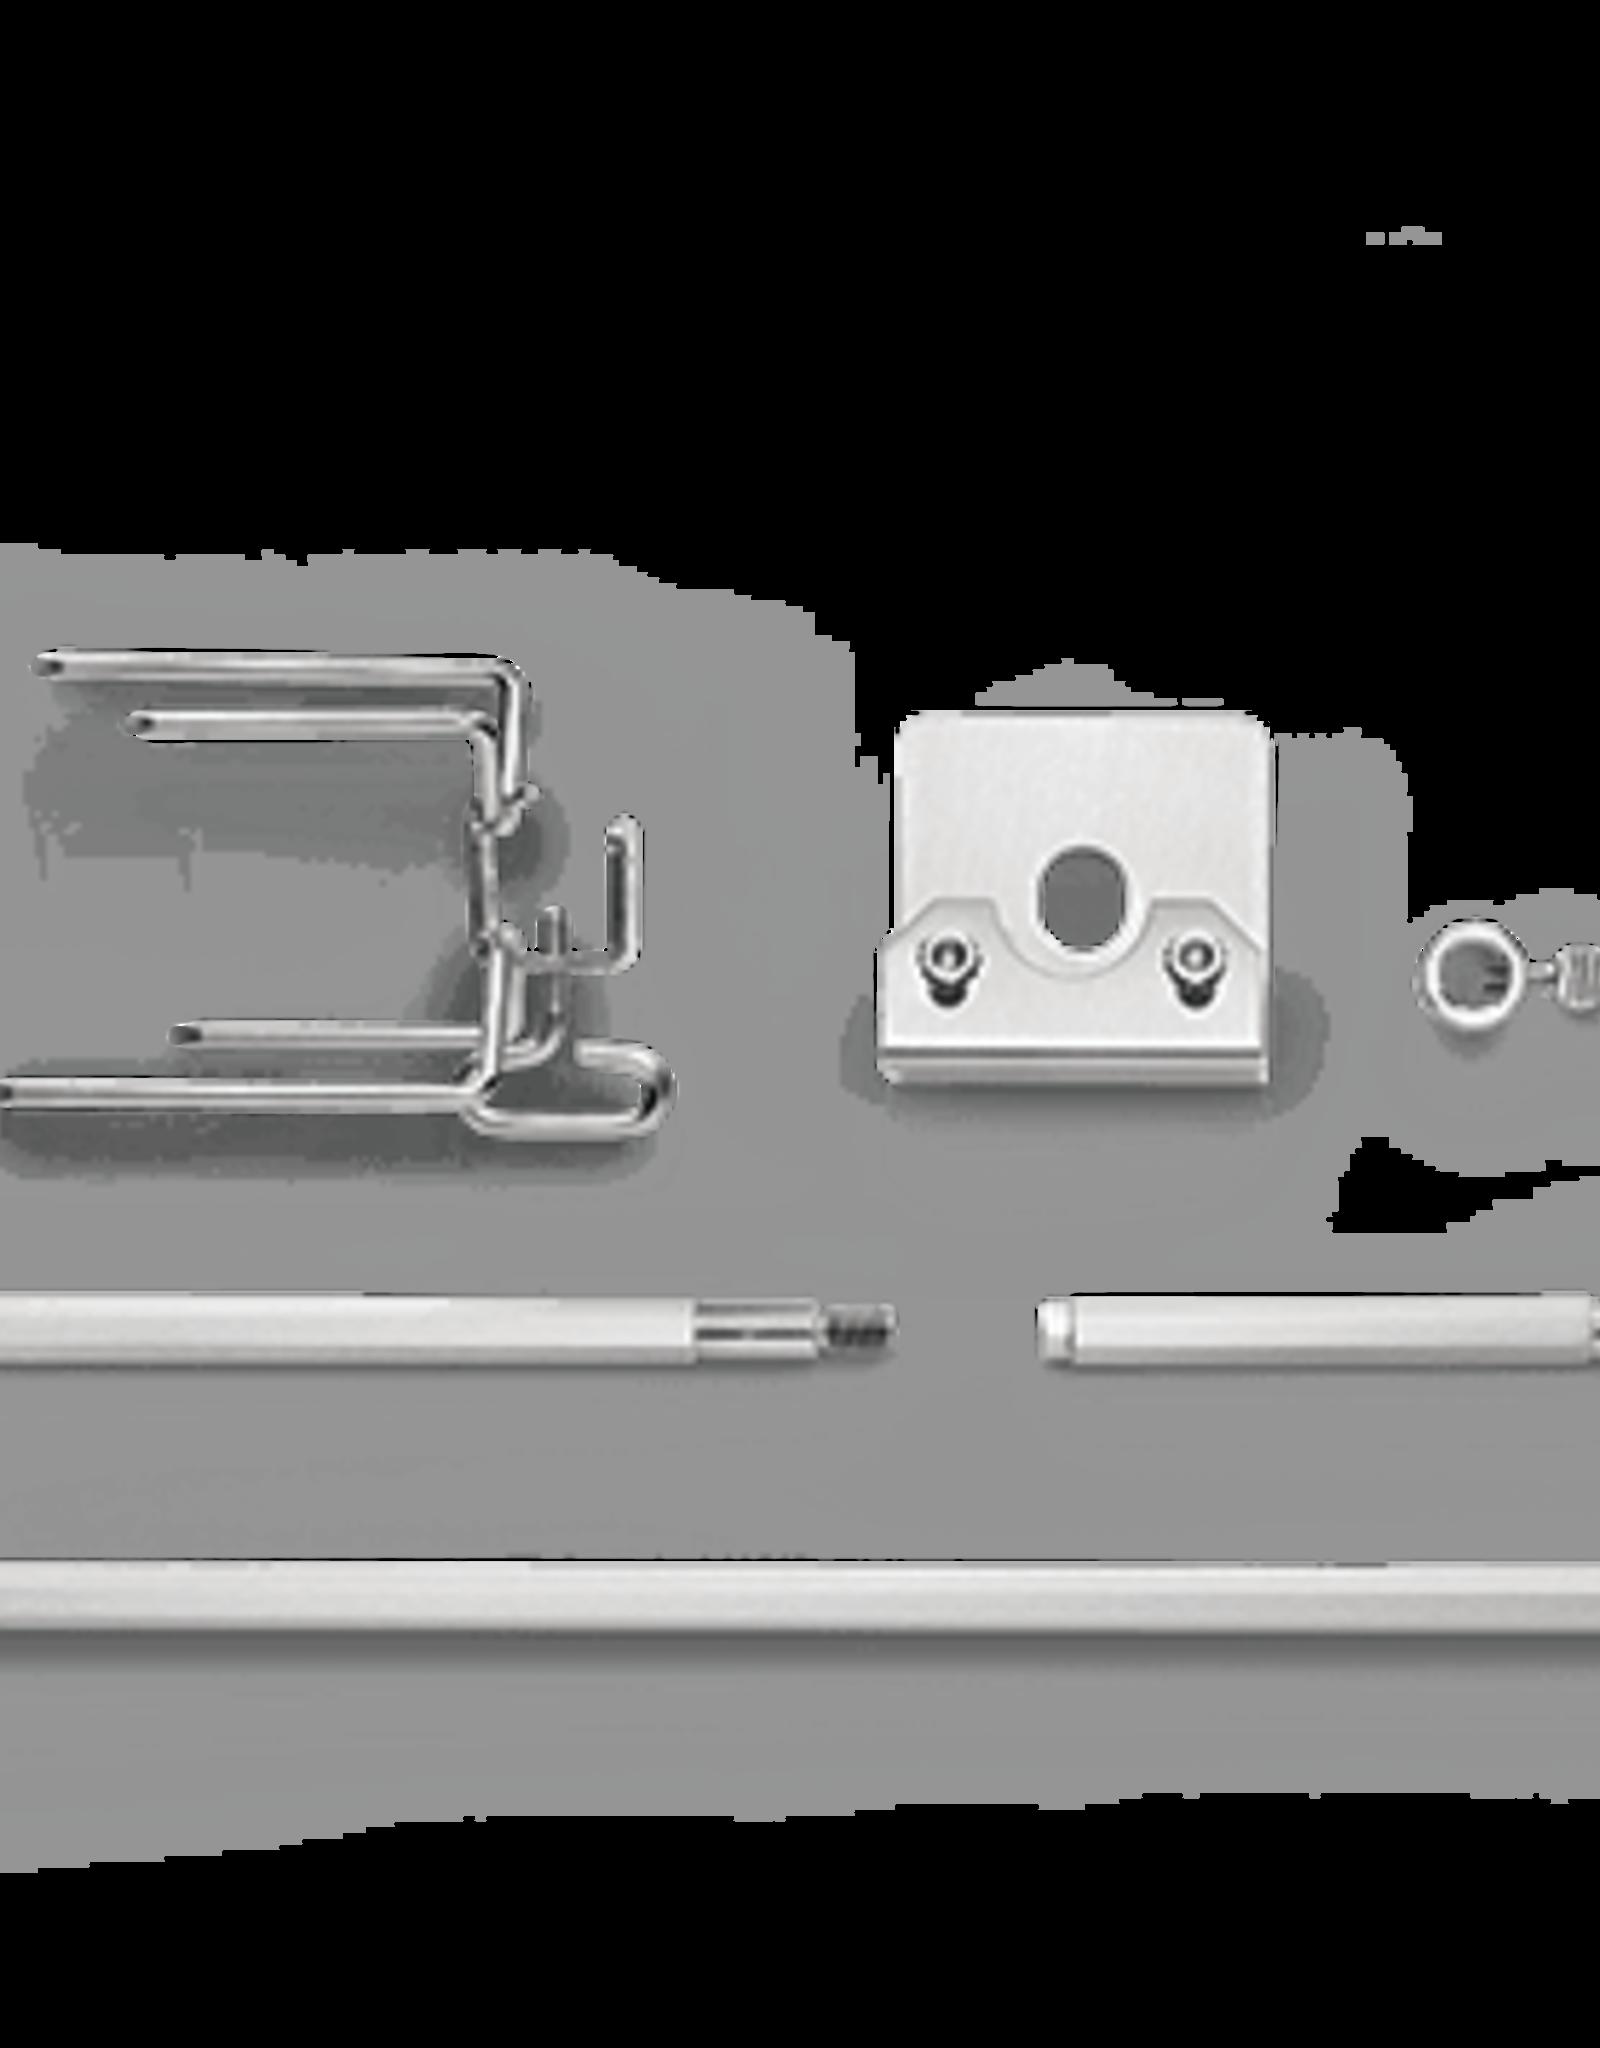 Napoleon Napoleon Heavy Duty Rotisserie Kit - Fits Rogue® 365/425/525/625 Models - 69811